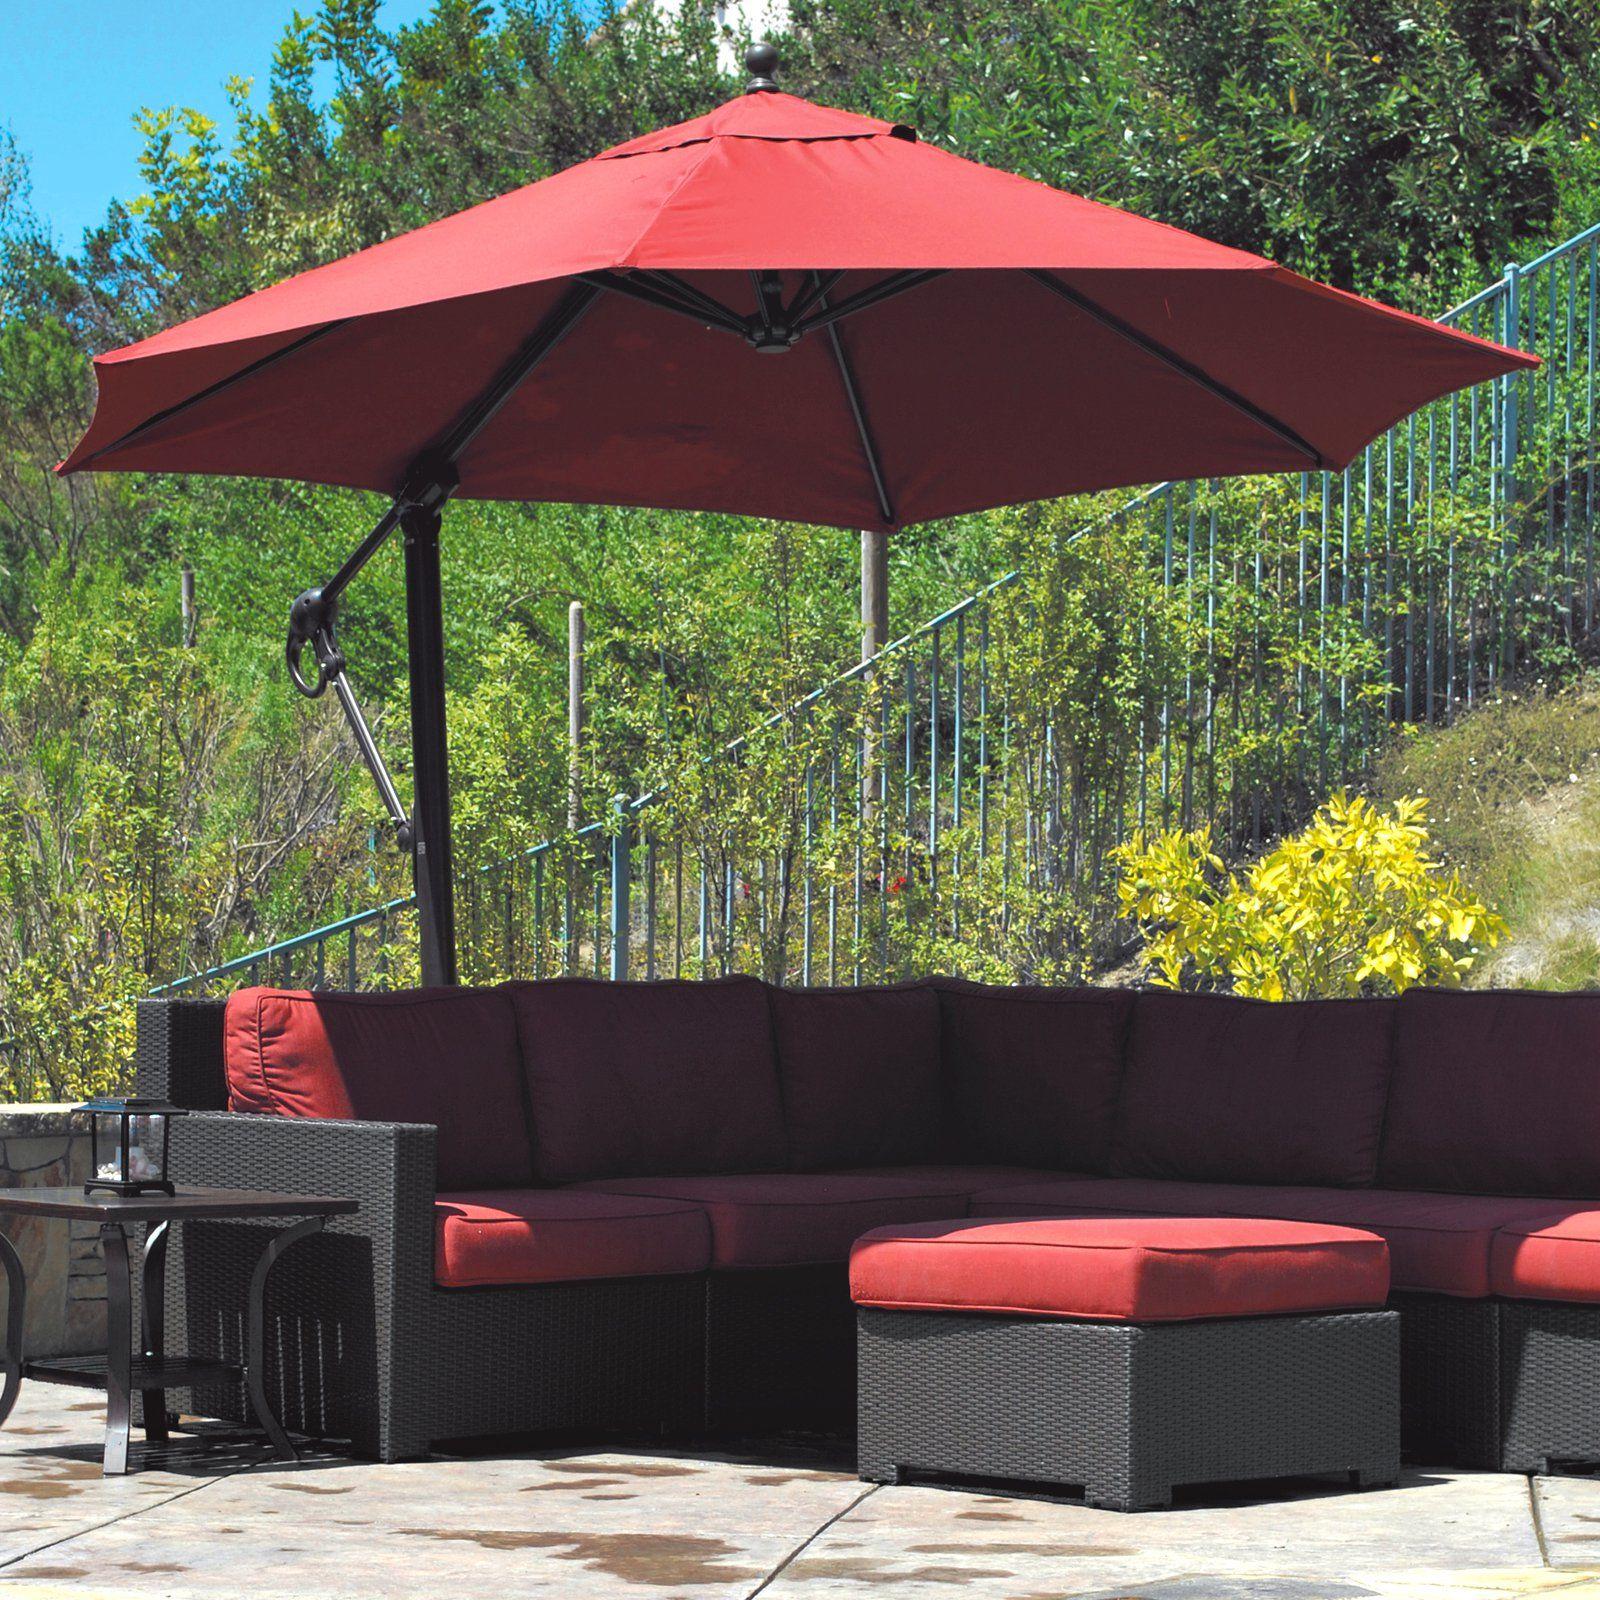 Galtech Sunbrella Easy Tilt 11 Ft Offset Umbrella With Wheeled Base Outdoor Patio Umbrellas Offset Patio Umbrella Patio Umbrella